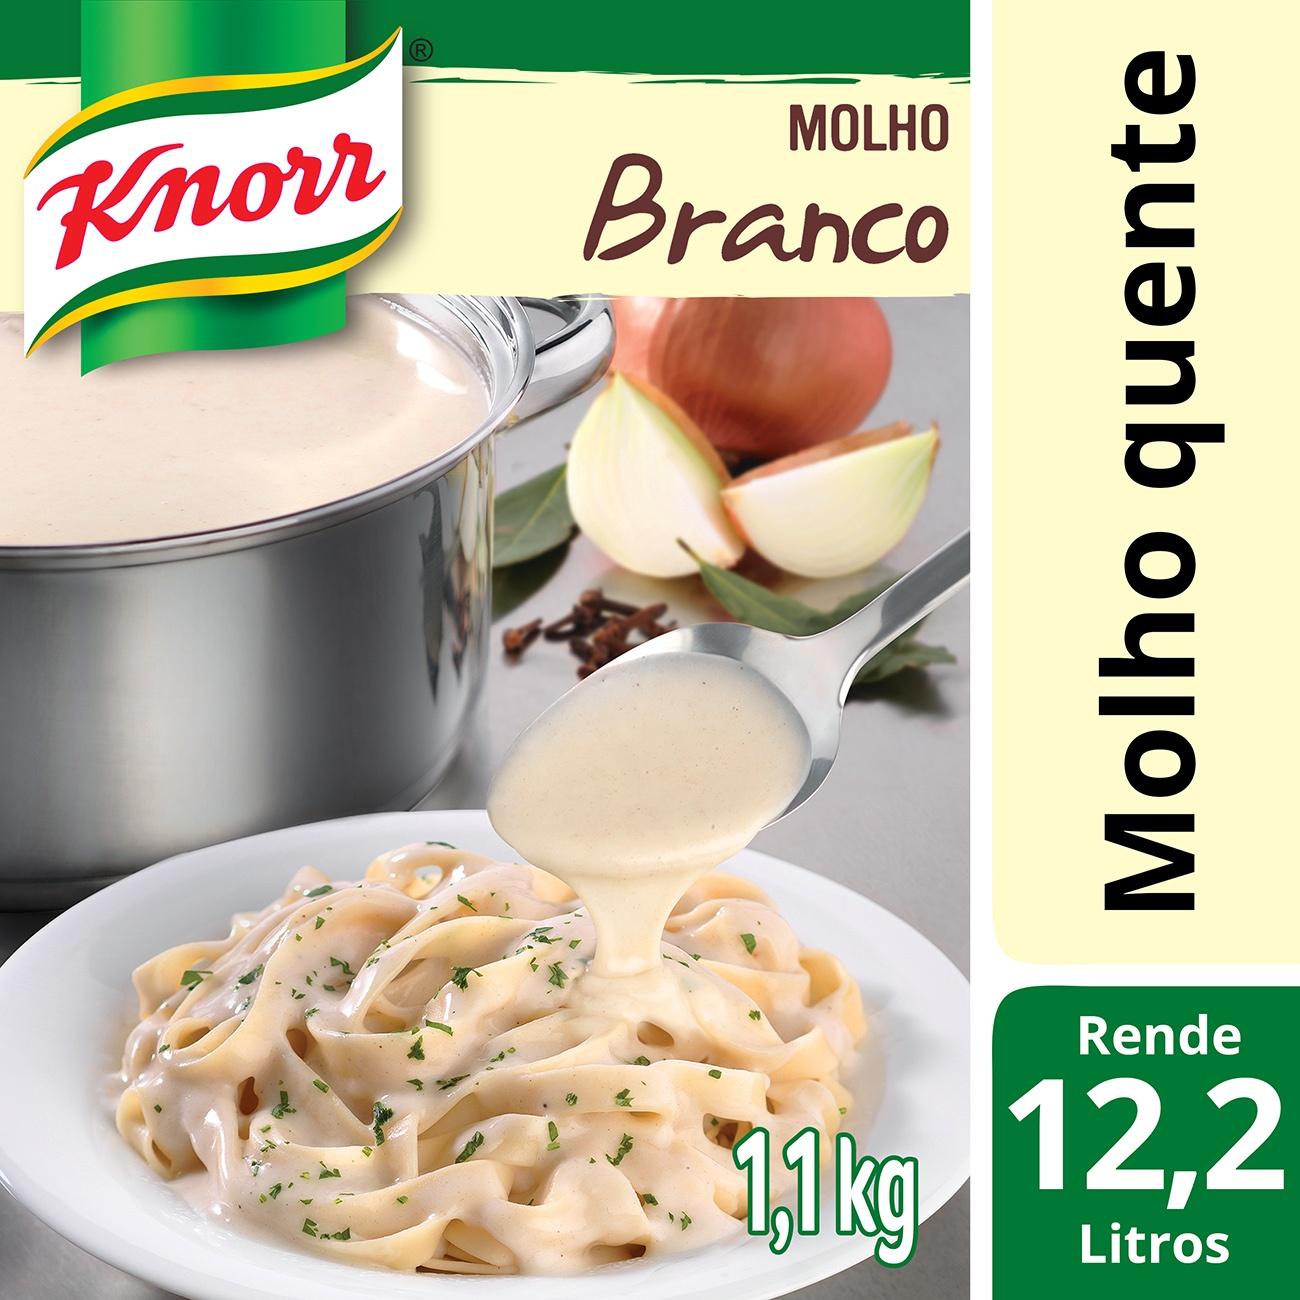 Molho Branco Bechamel Knorr 1,1 kg